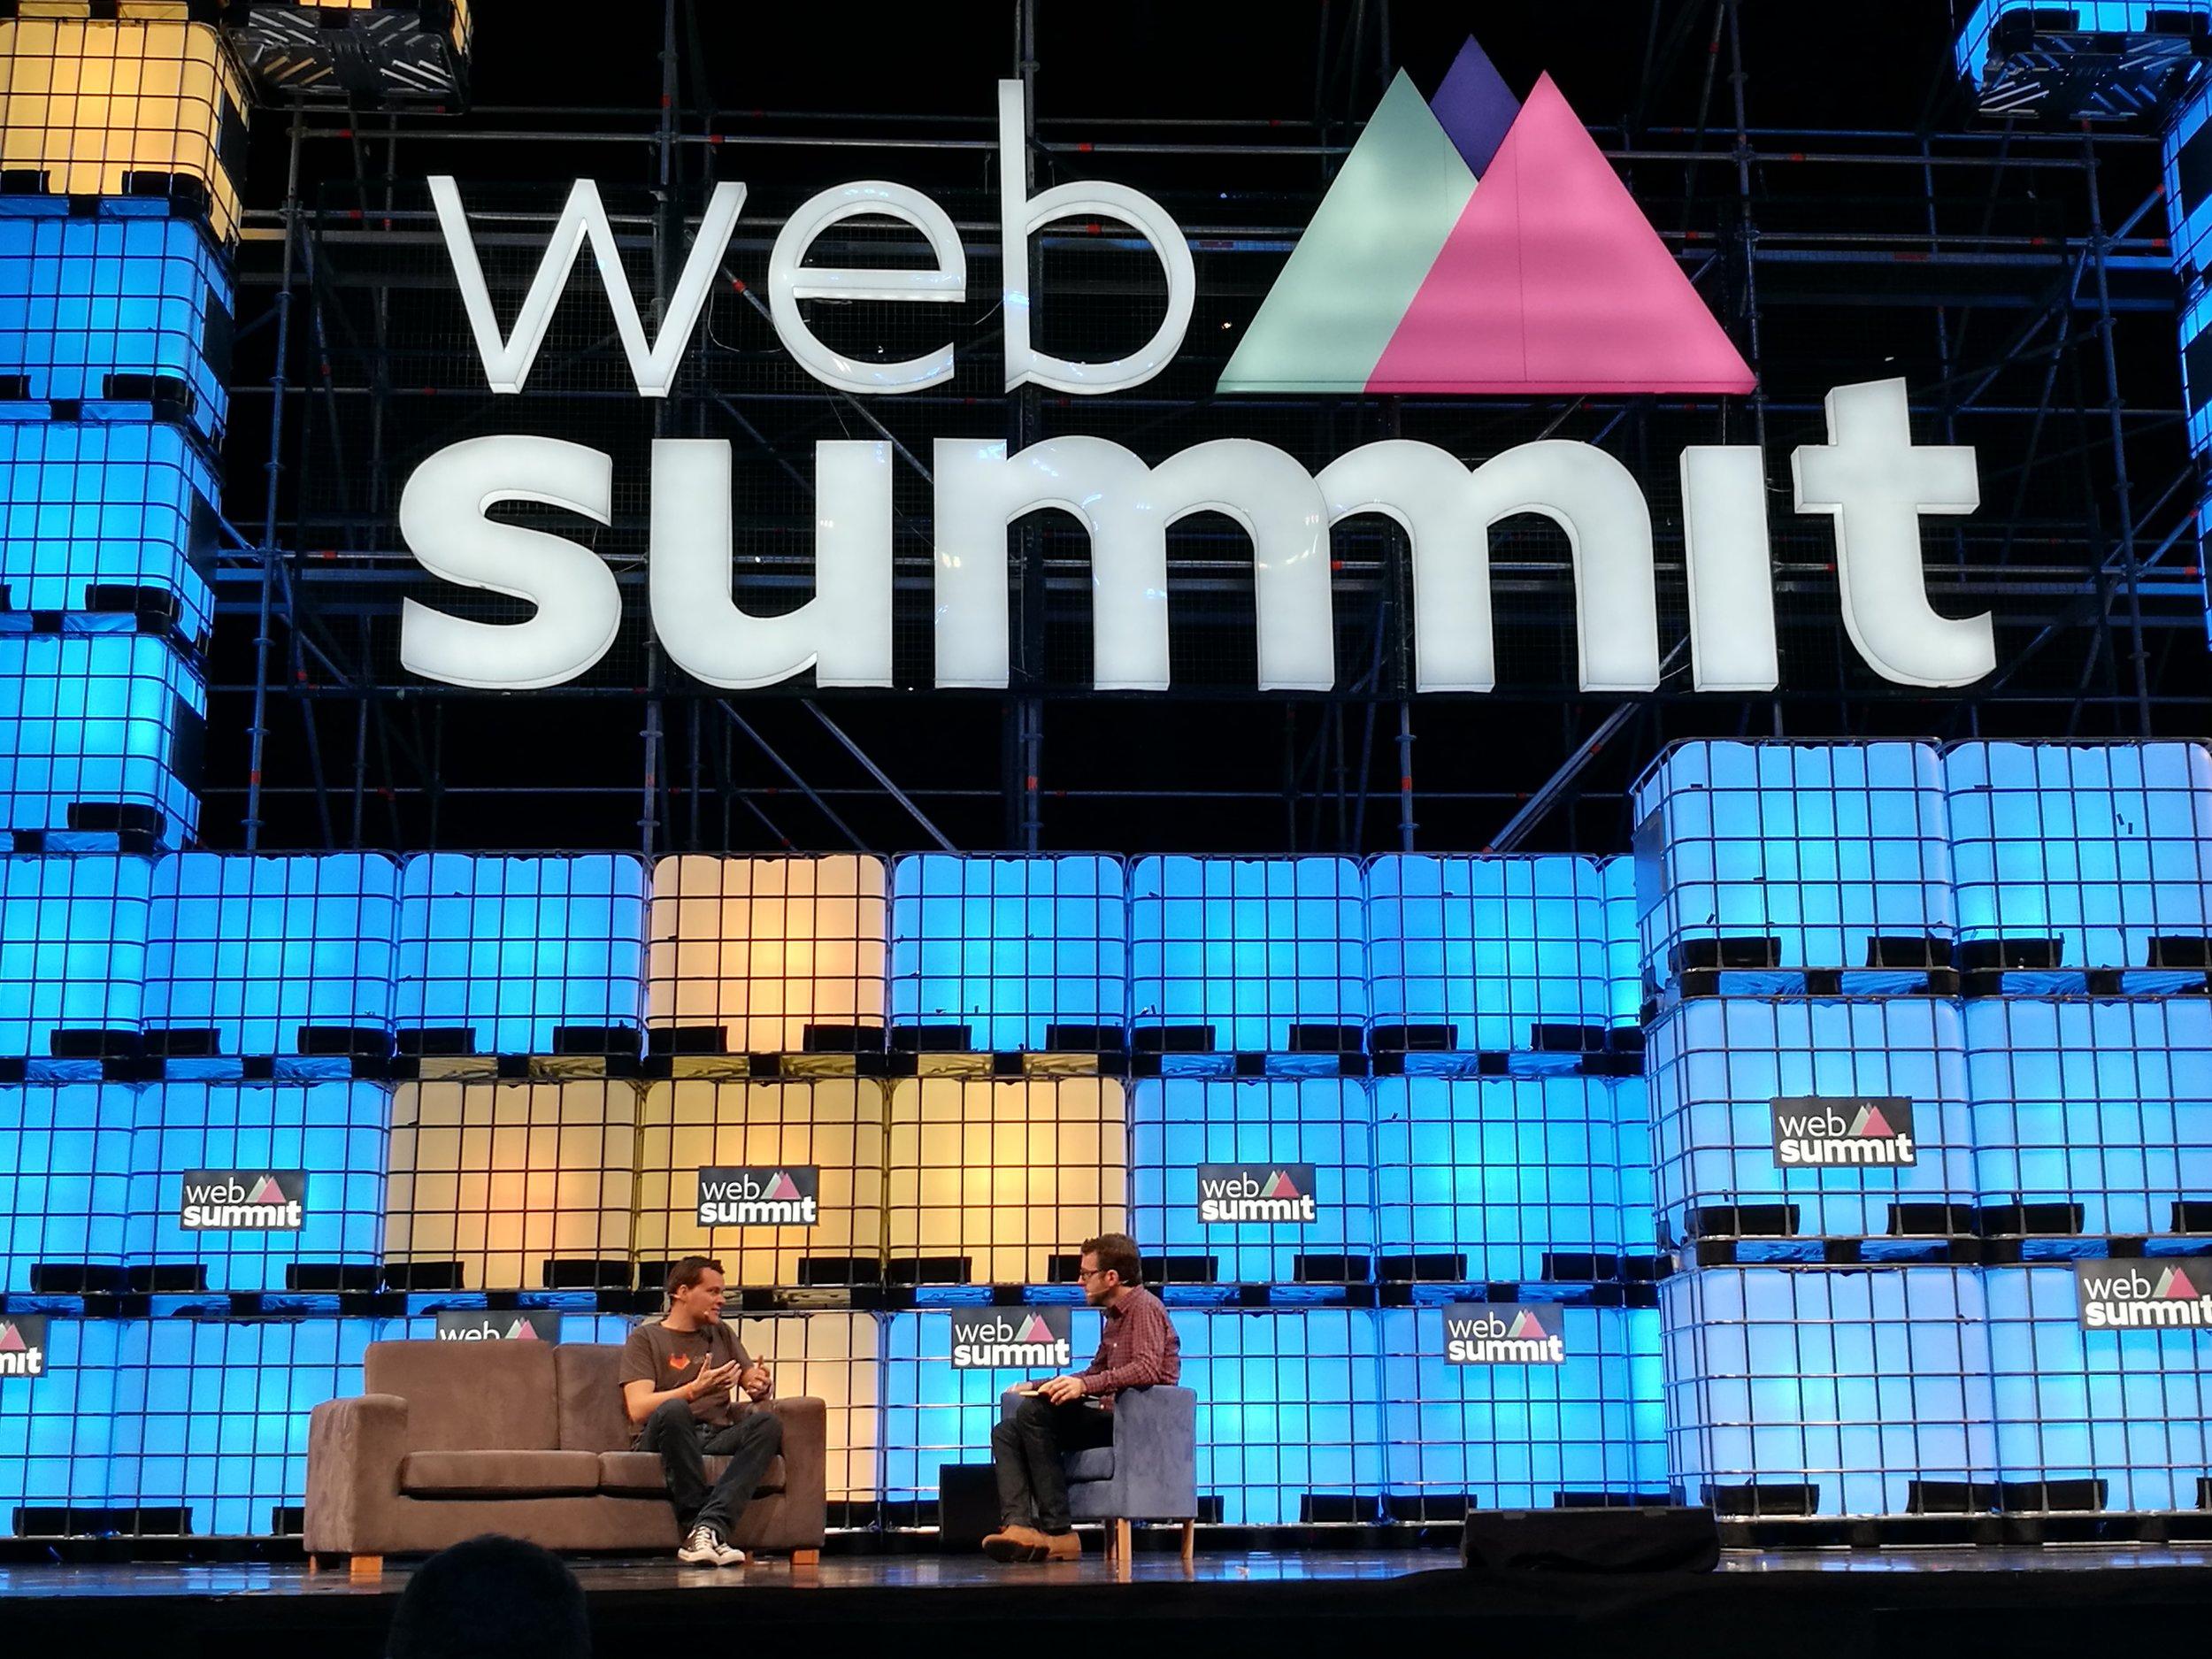 Palco principal da Websummit 2016